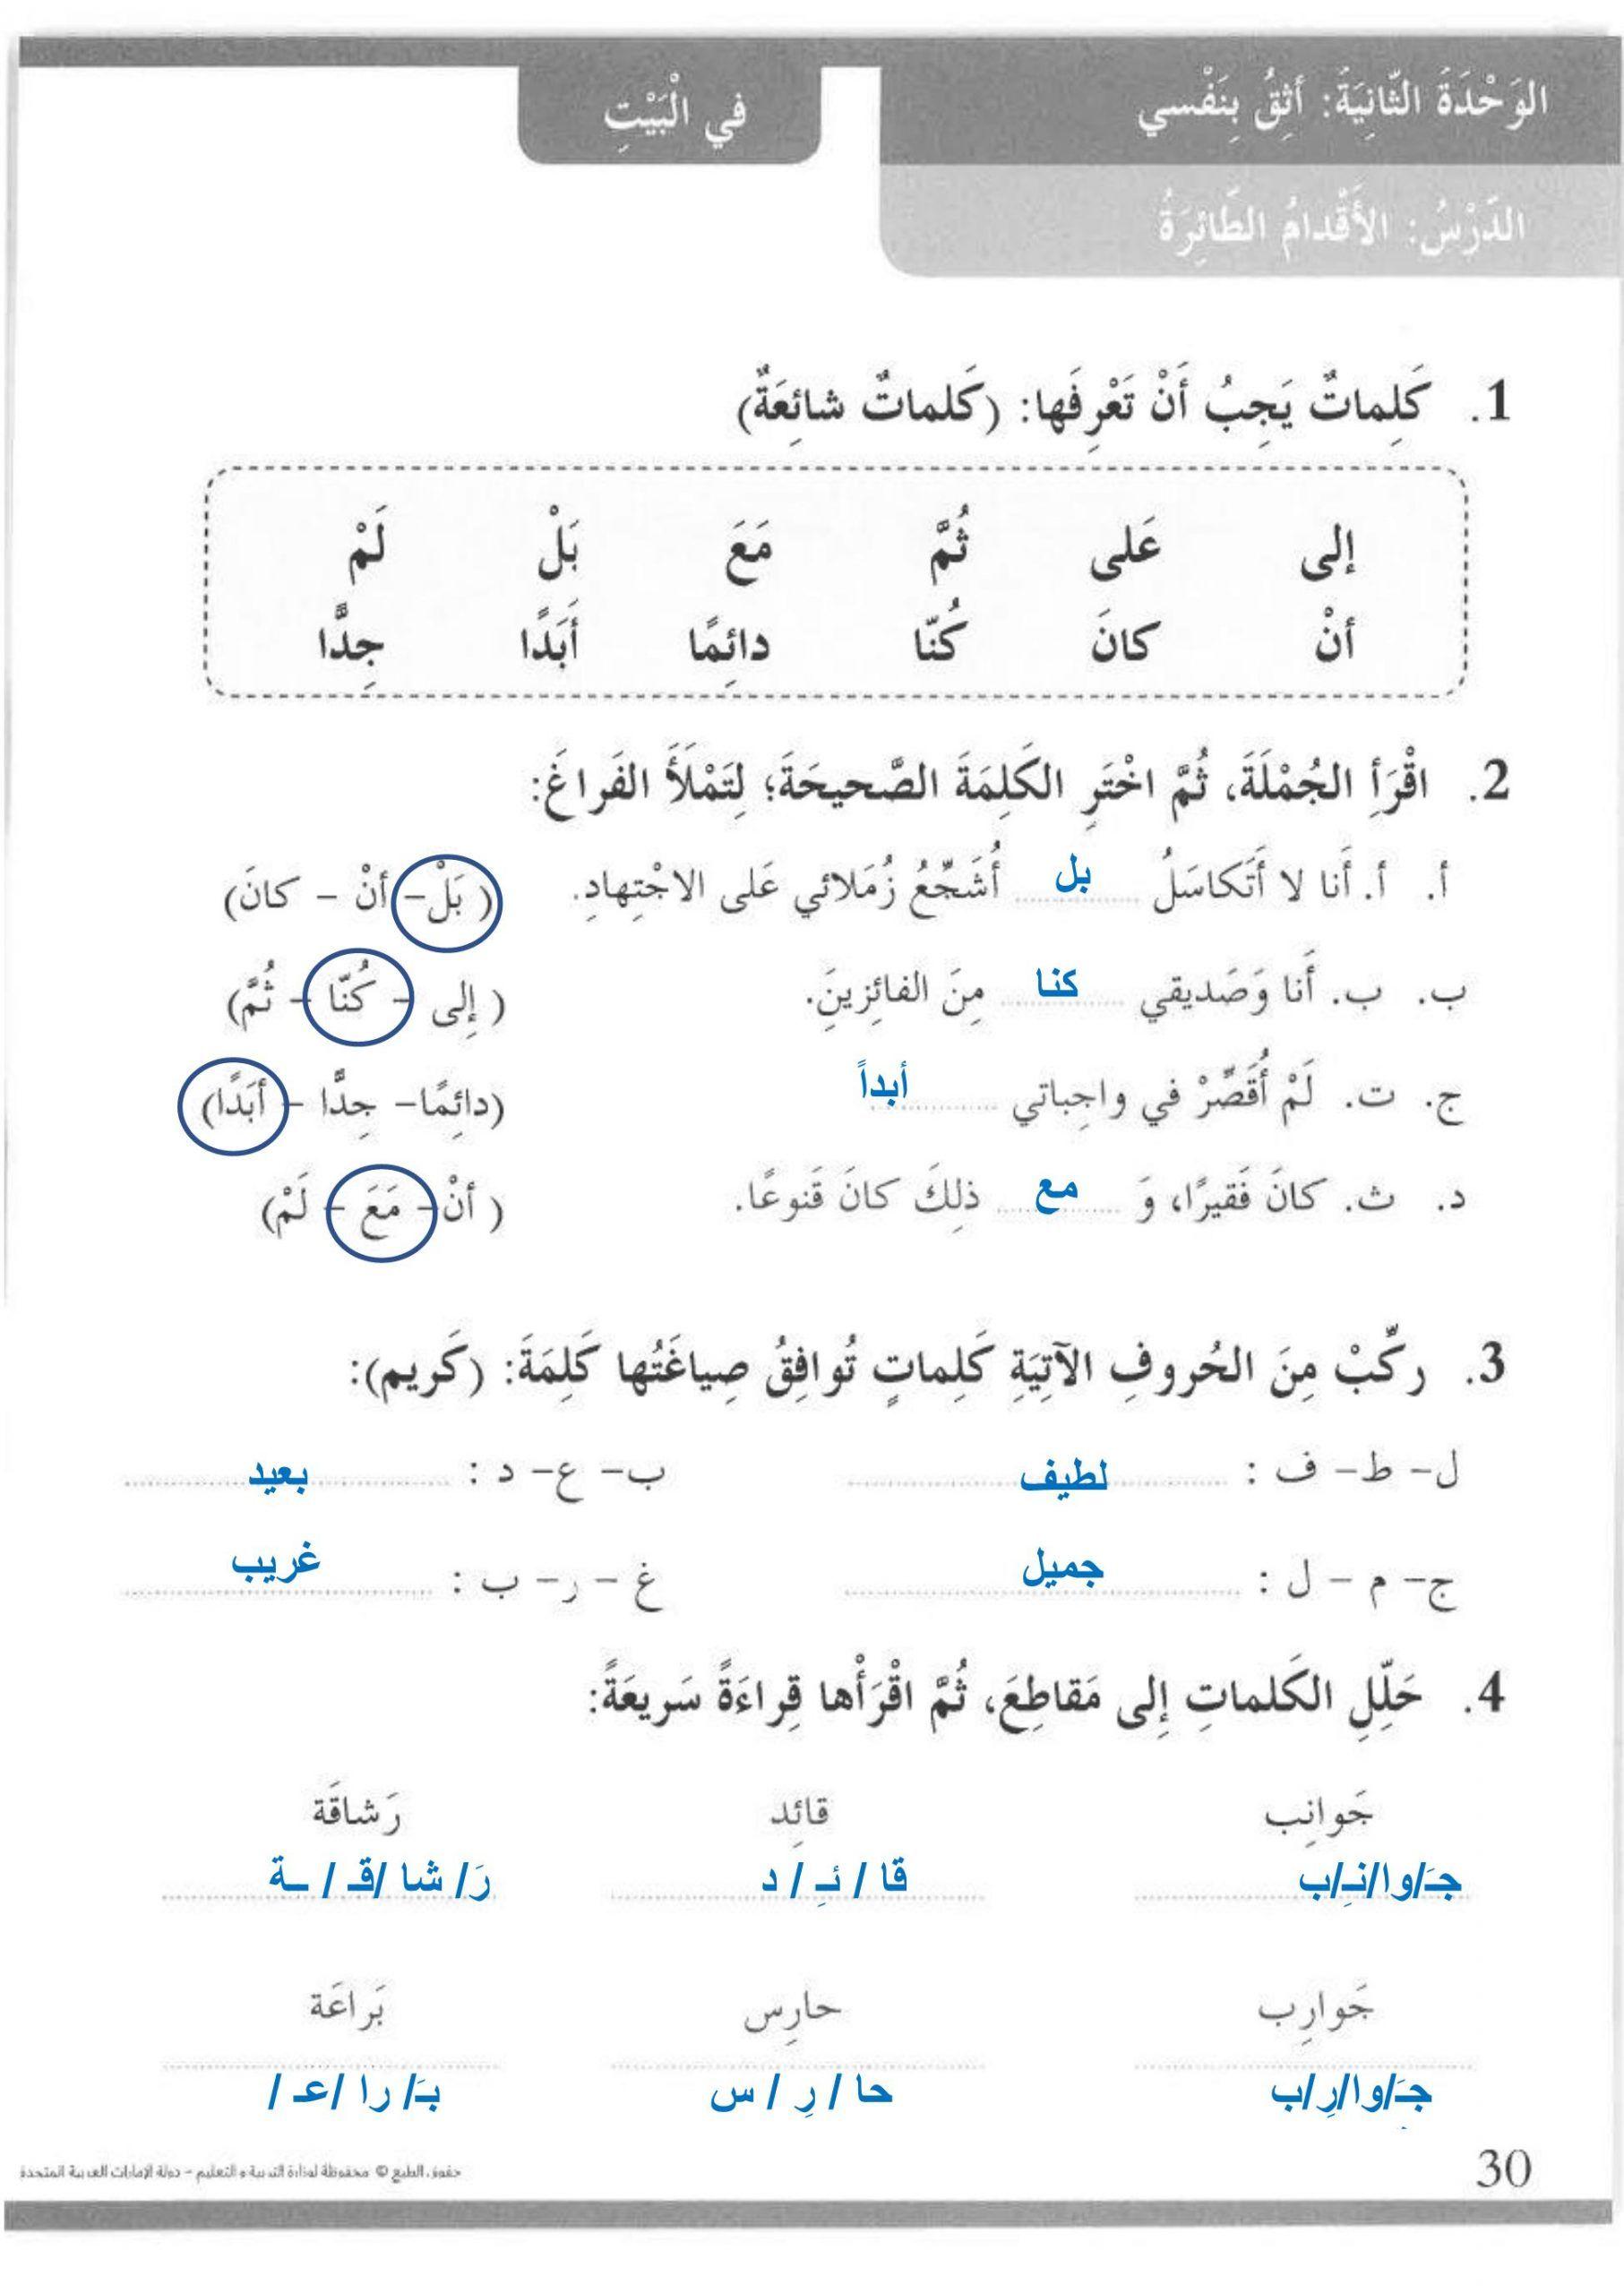 درس الاقدام الطائرة مع الاجابات للصف الثالث مادة اللغة العربية Math Blog Math Equations